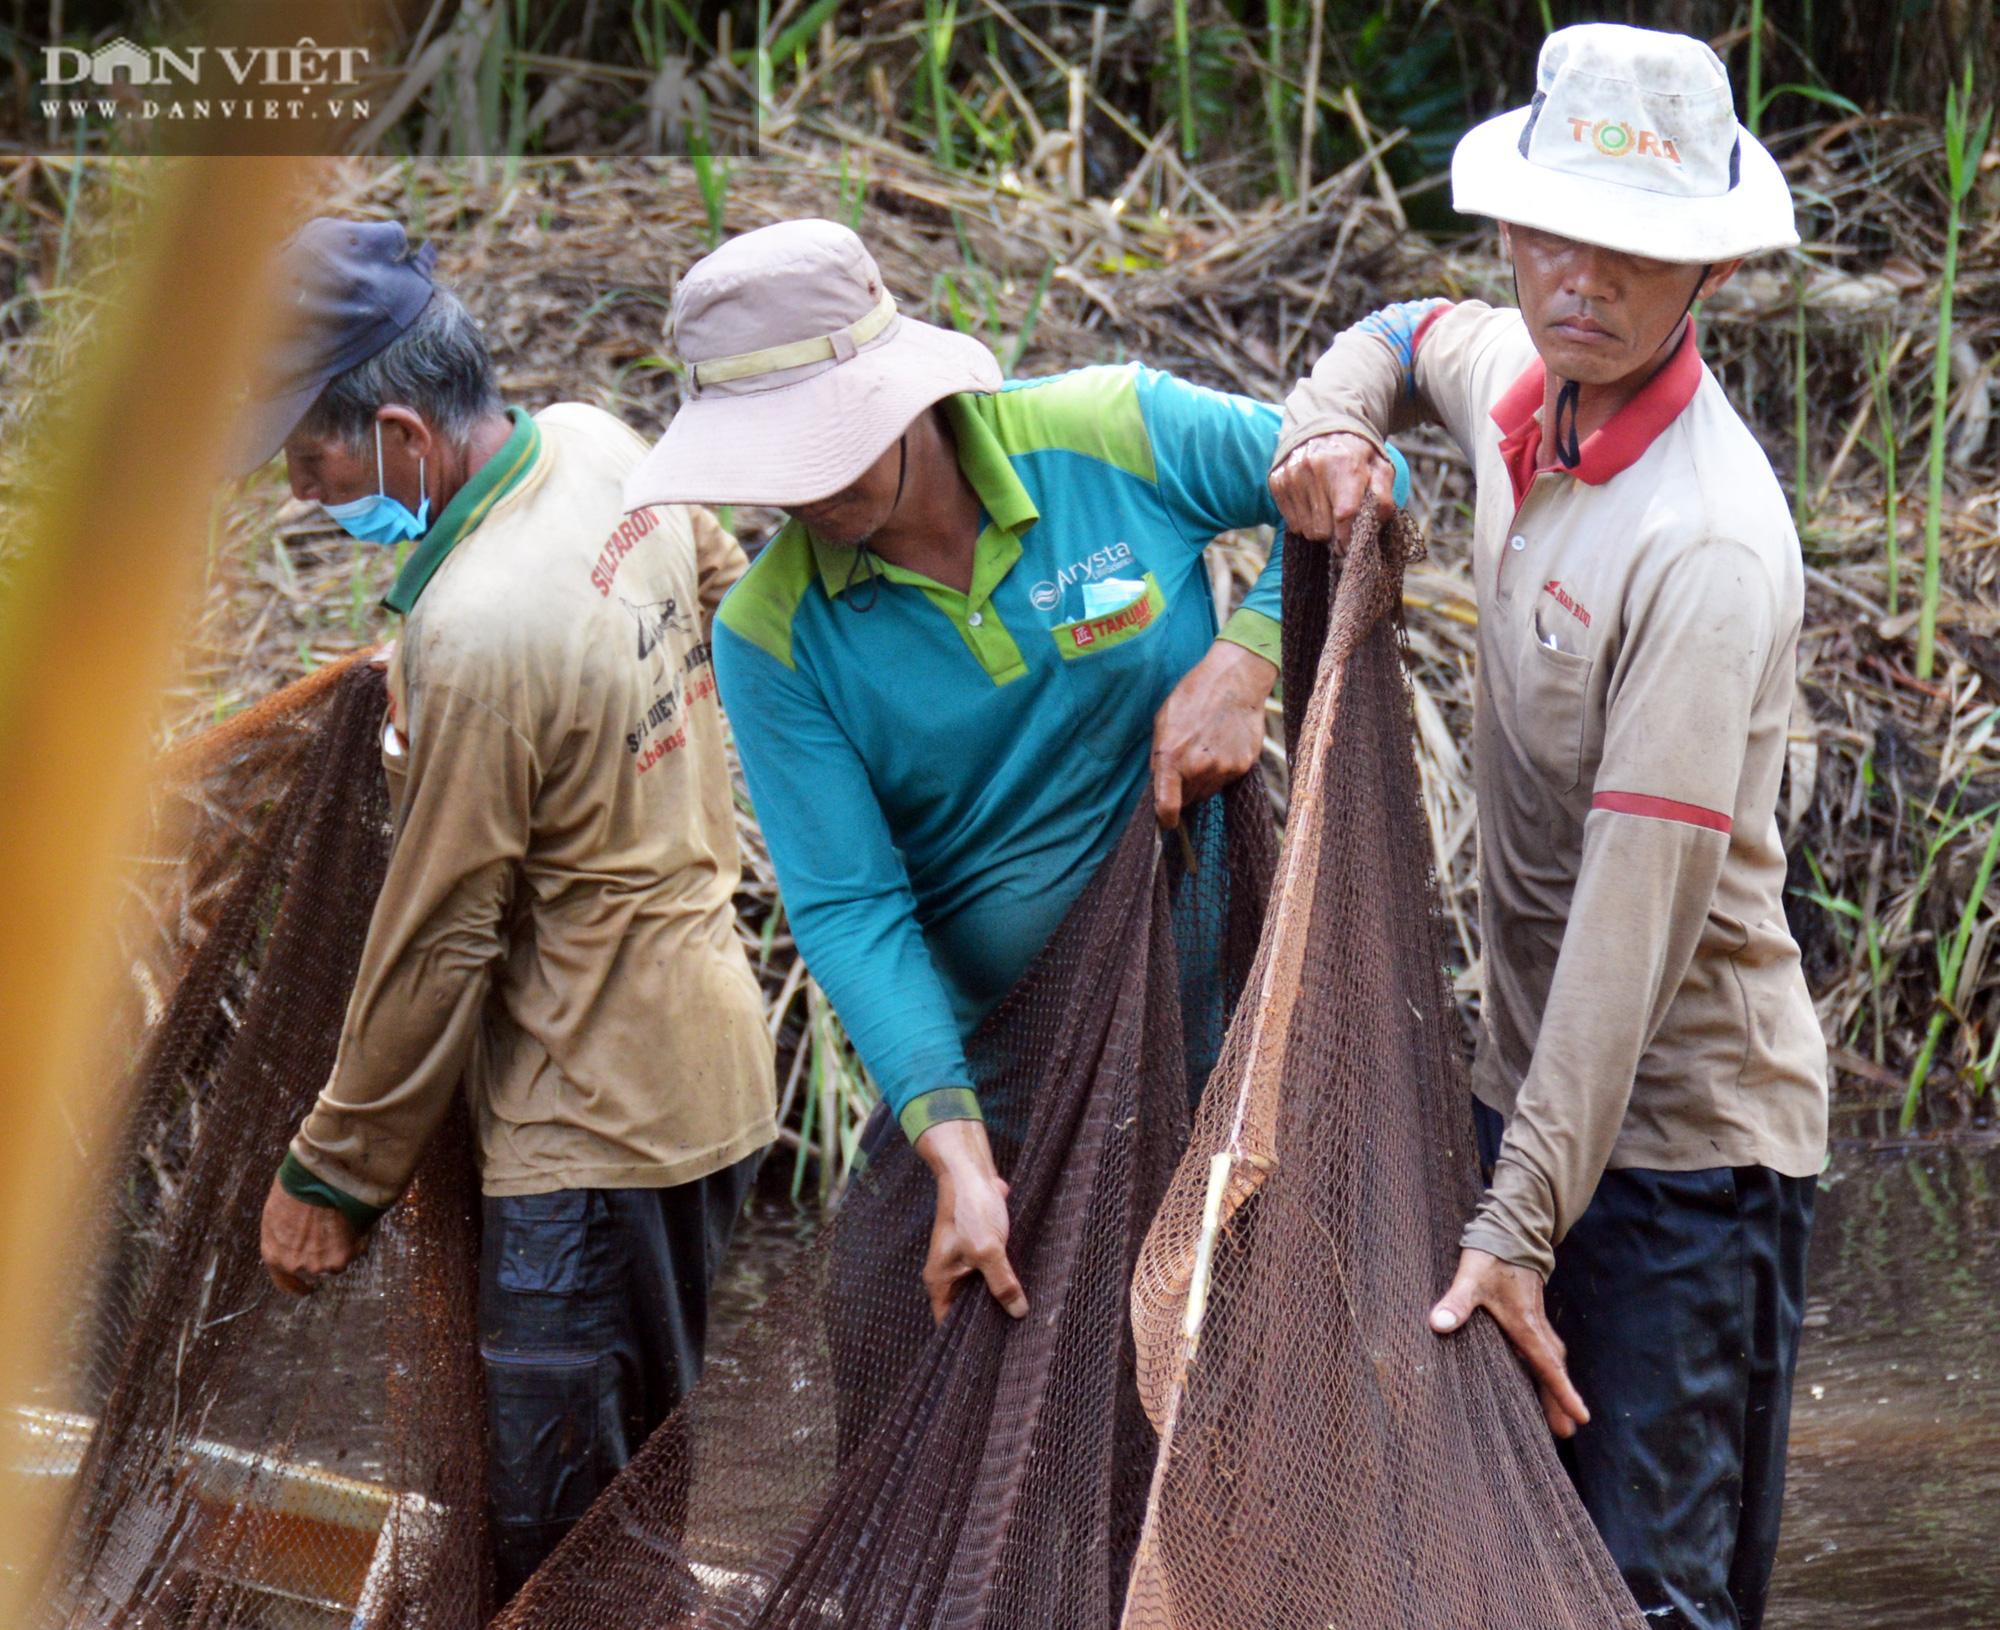 Về vườn quốc gia U Minh Hạ mục sở thị cảnh chụp đìa bắt hàng trăm kg cá đồng - Ảnh 6.